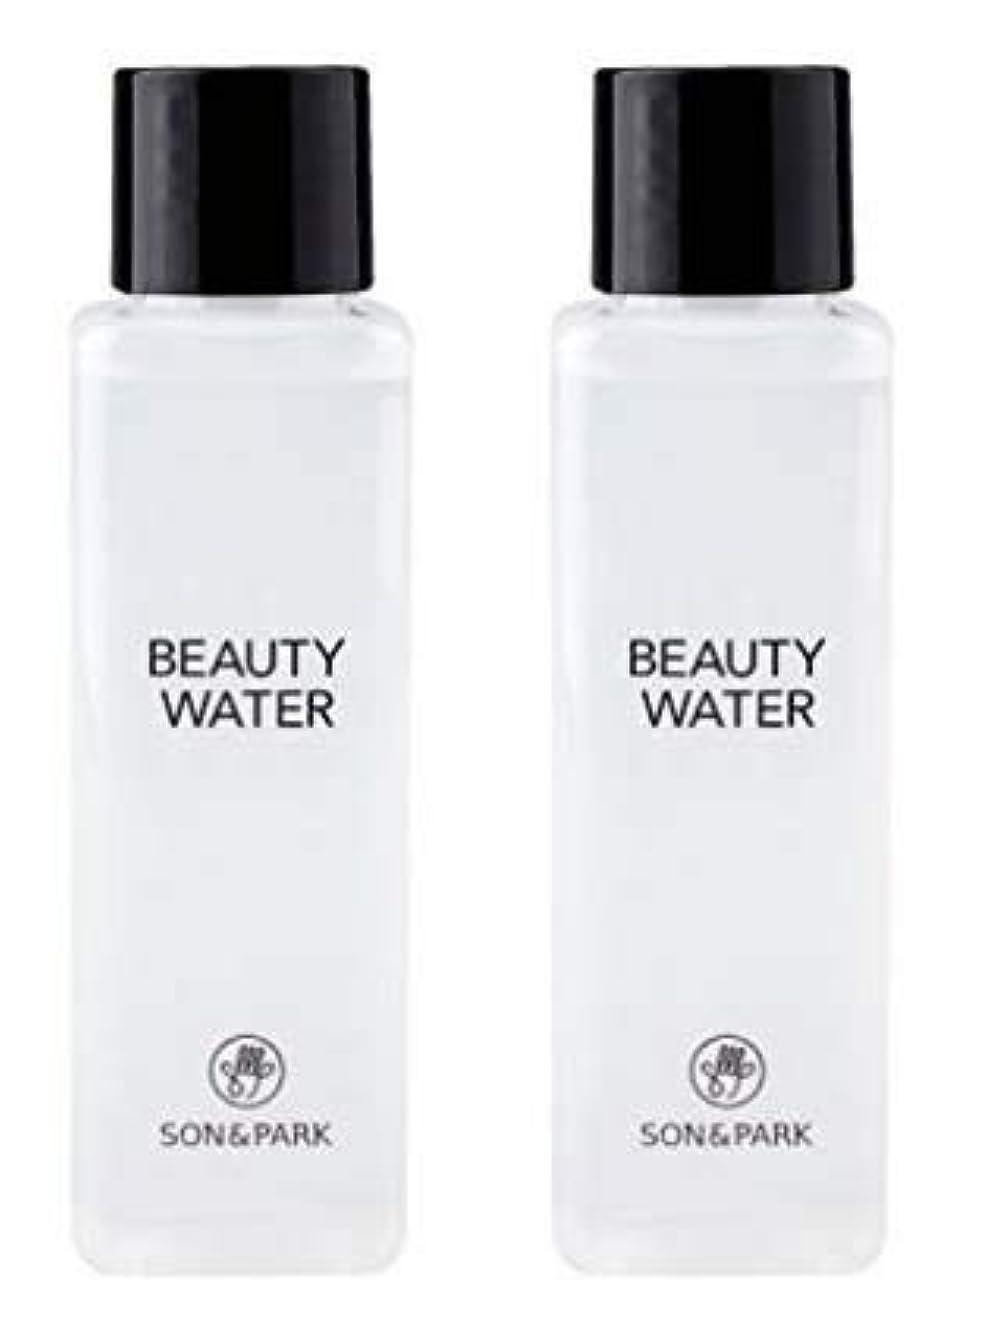 しないでくださいばかげた公式SON&PARK Beauty Water 60ml*2 / ソン&パク ビューティー ウォーター 60ml*2 [並行輸入品]